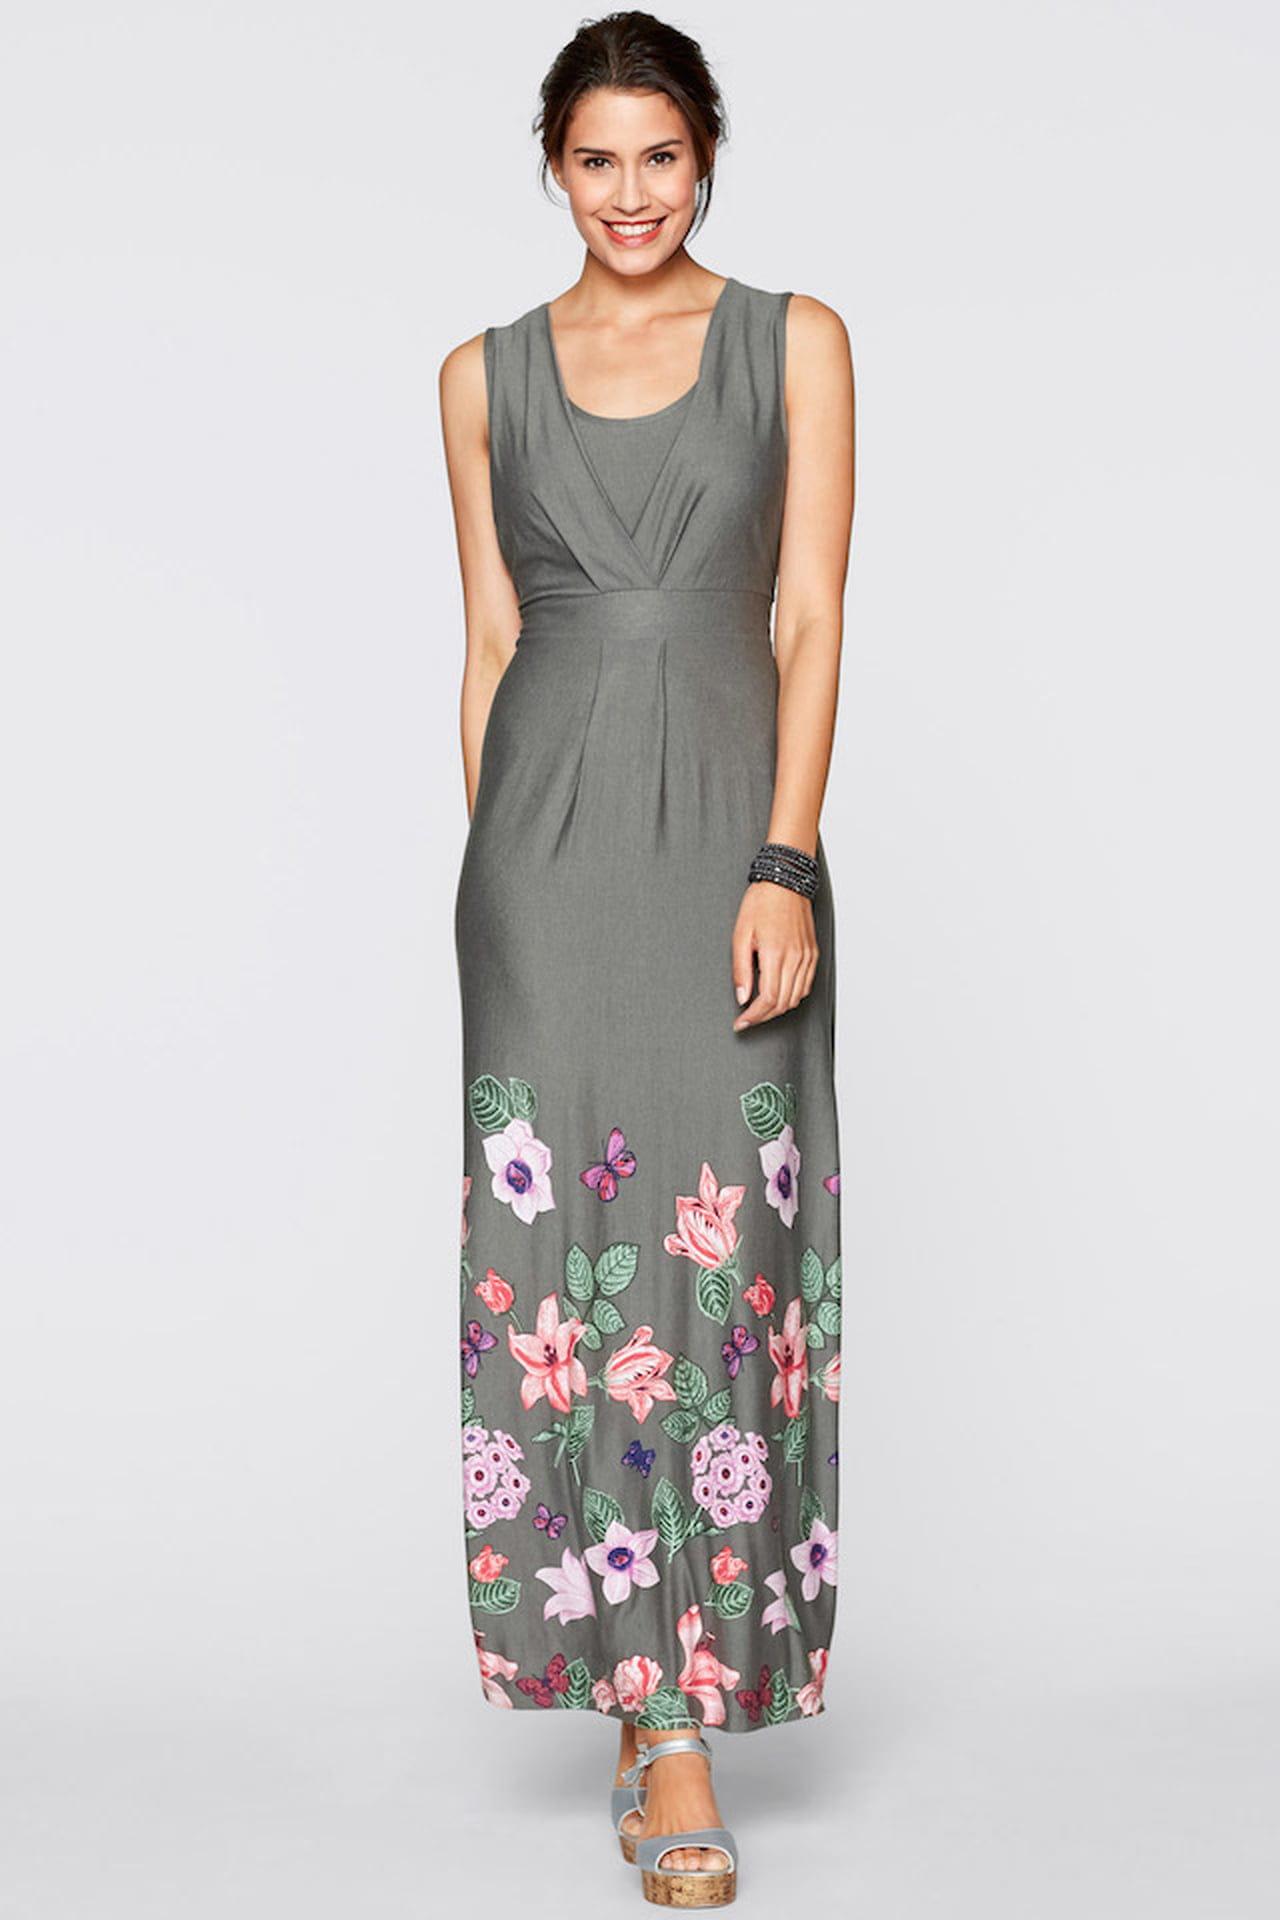 nuovi stili 16ece 60010 Vestiti a fiori: proposte trendy